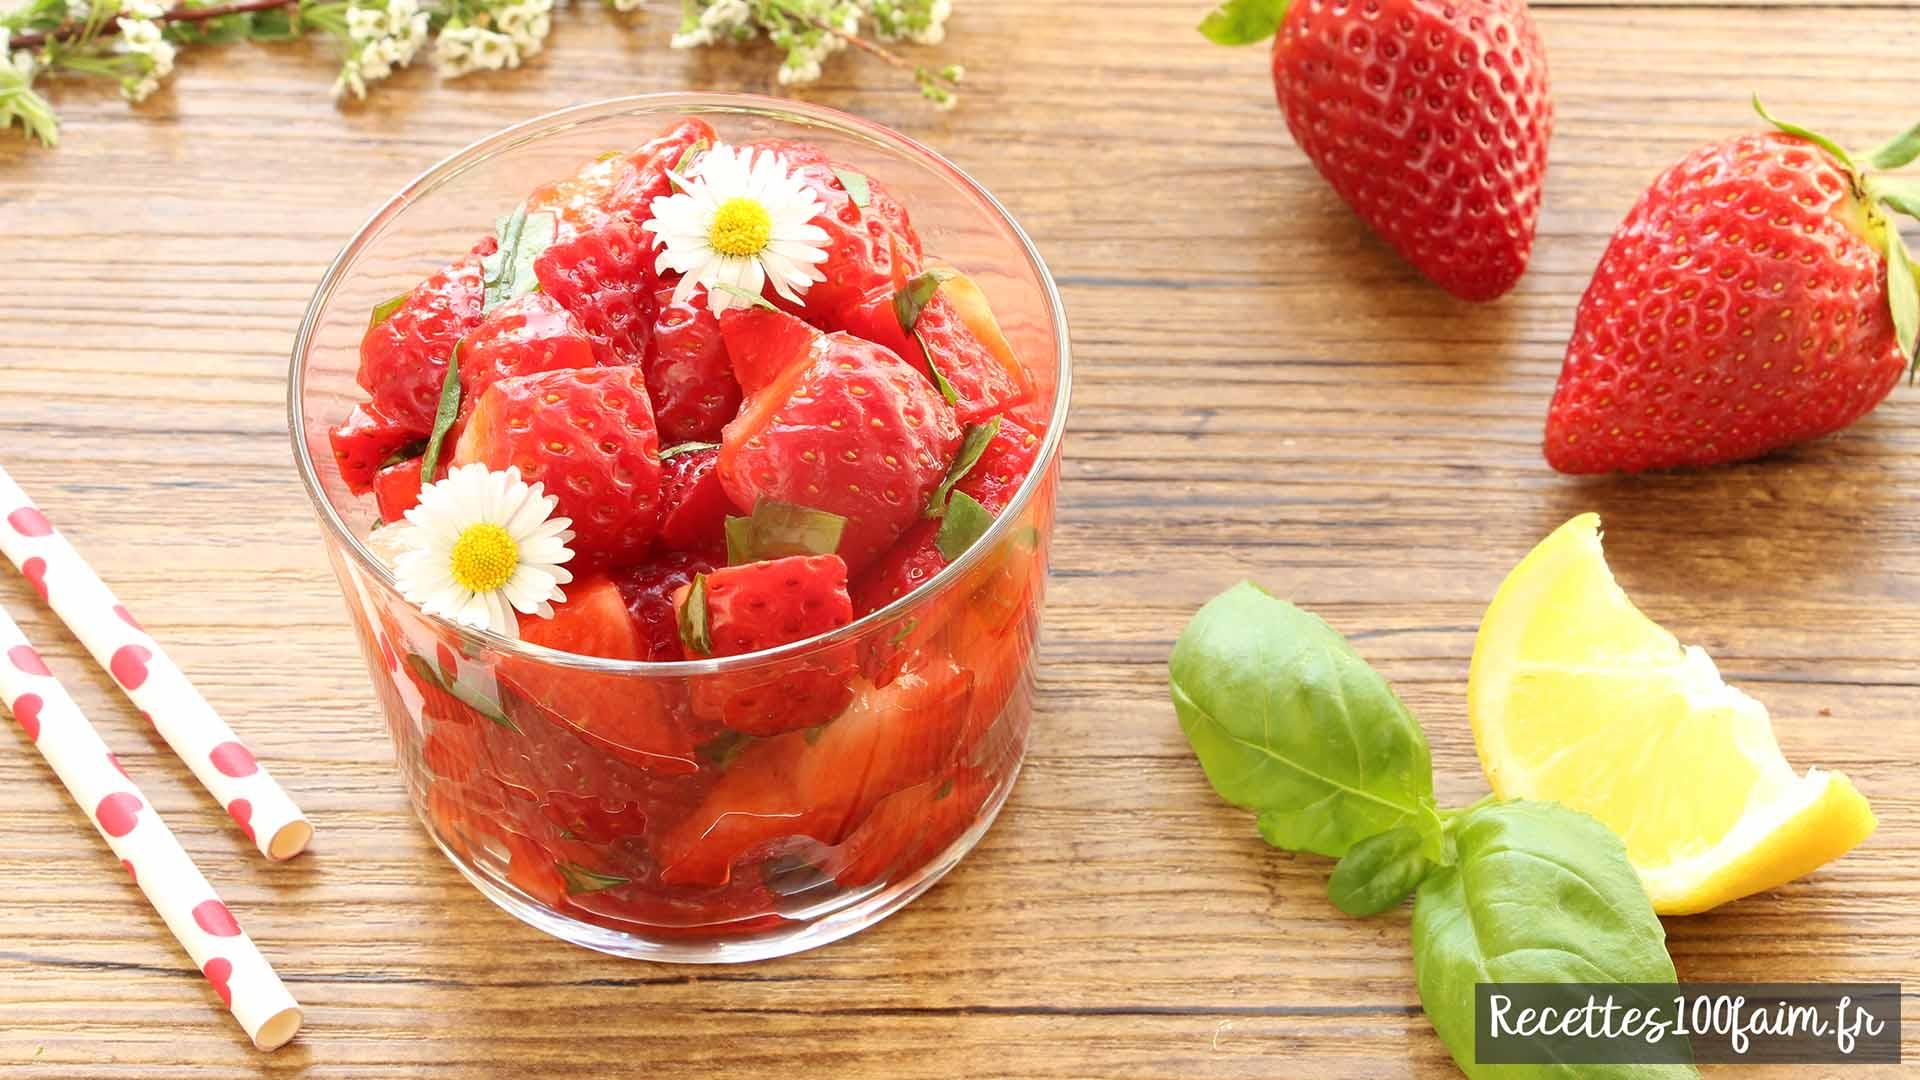 Recette de salade de fraises citron balsamique et menthe